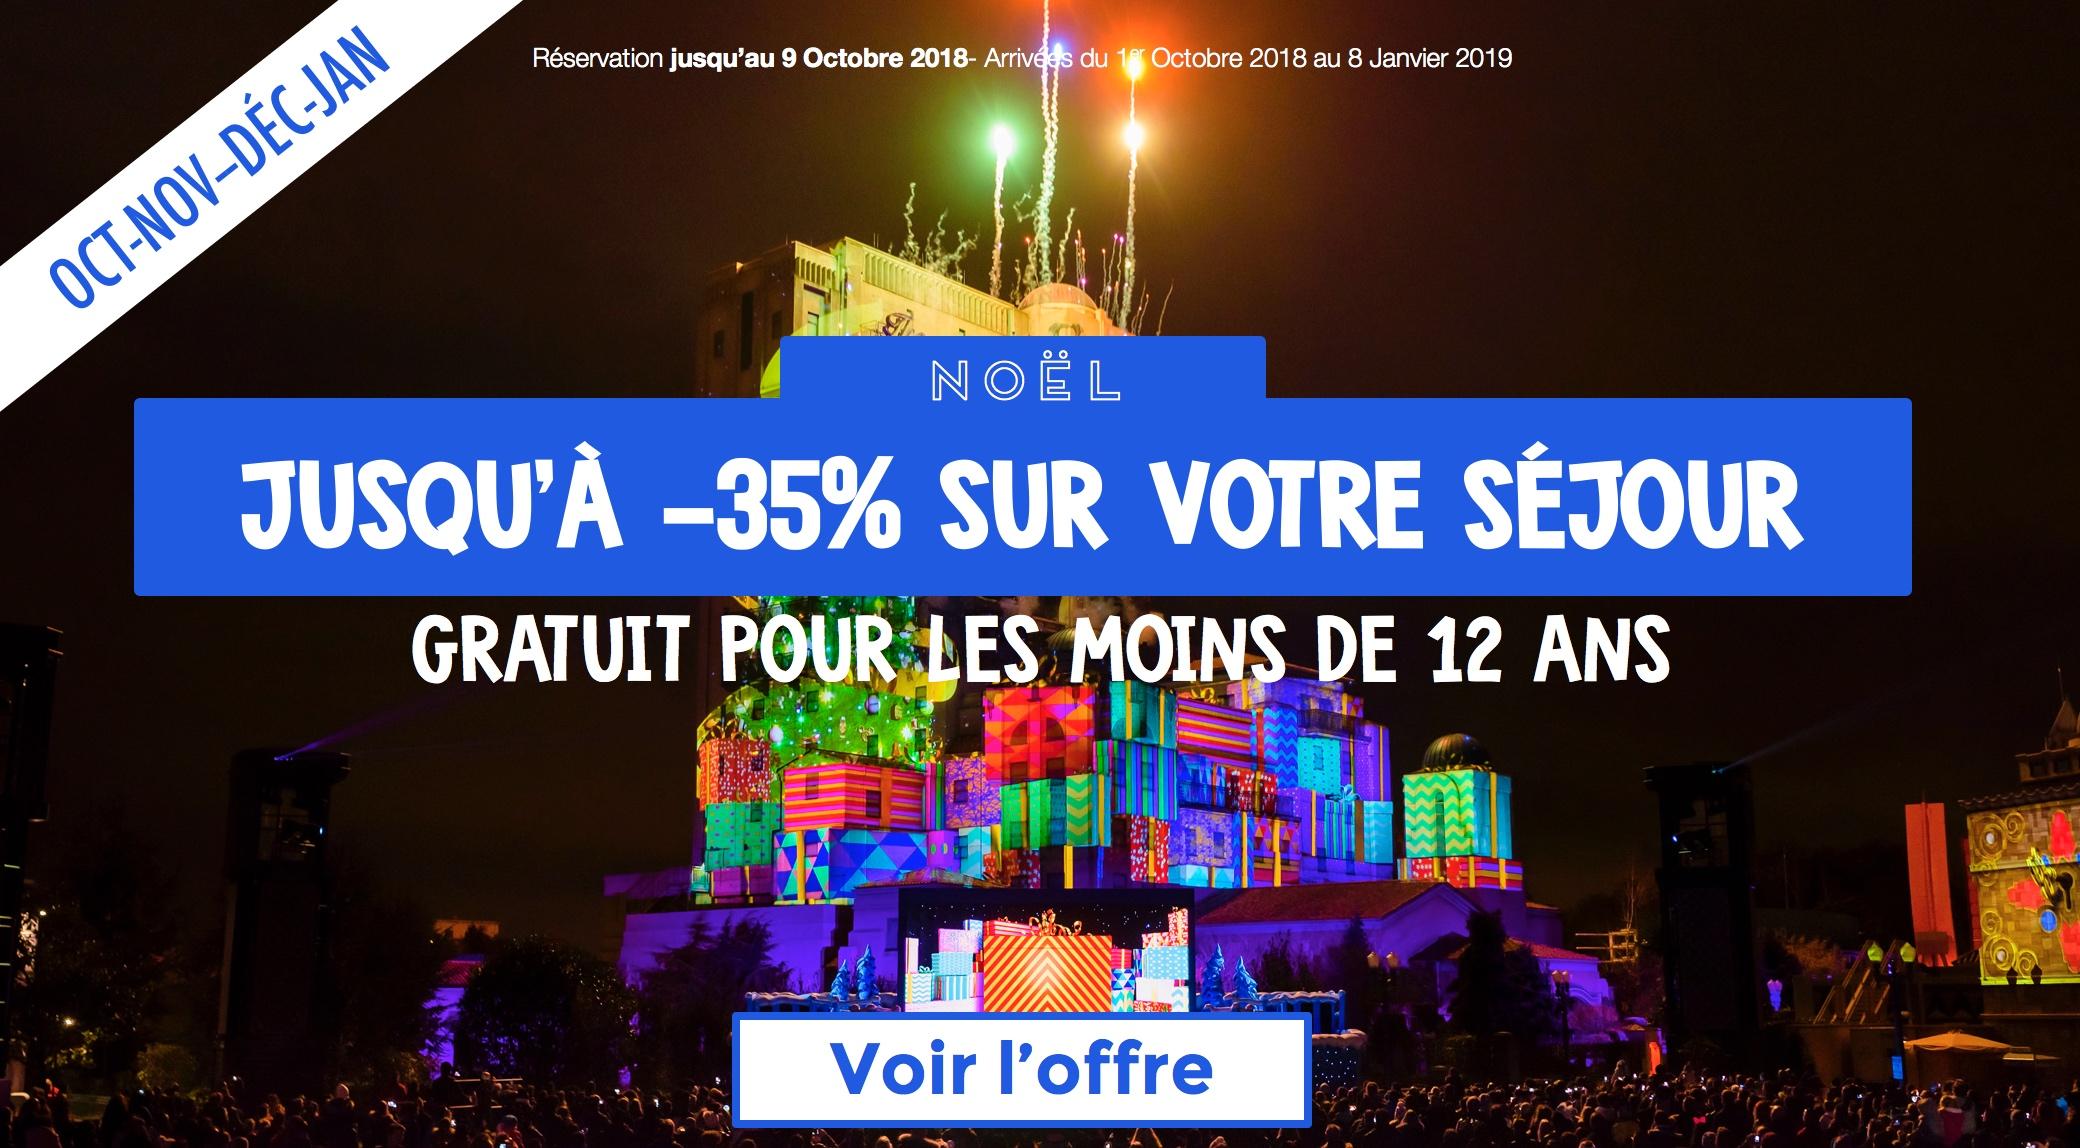 disney noel 2018 promo Toutes les saisons à venir en 2018 à Disneyland Paris : dates  disney noel 2018 promo